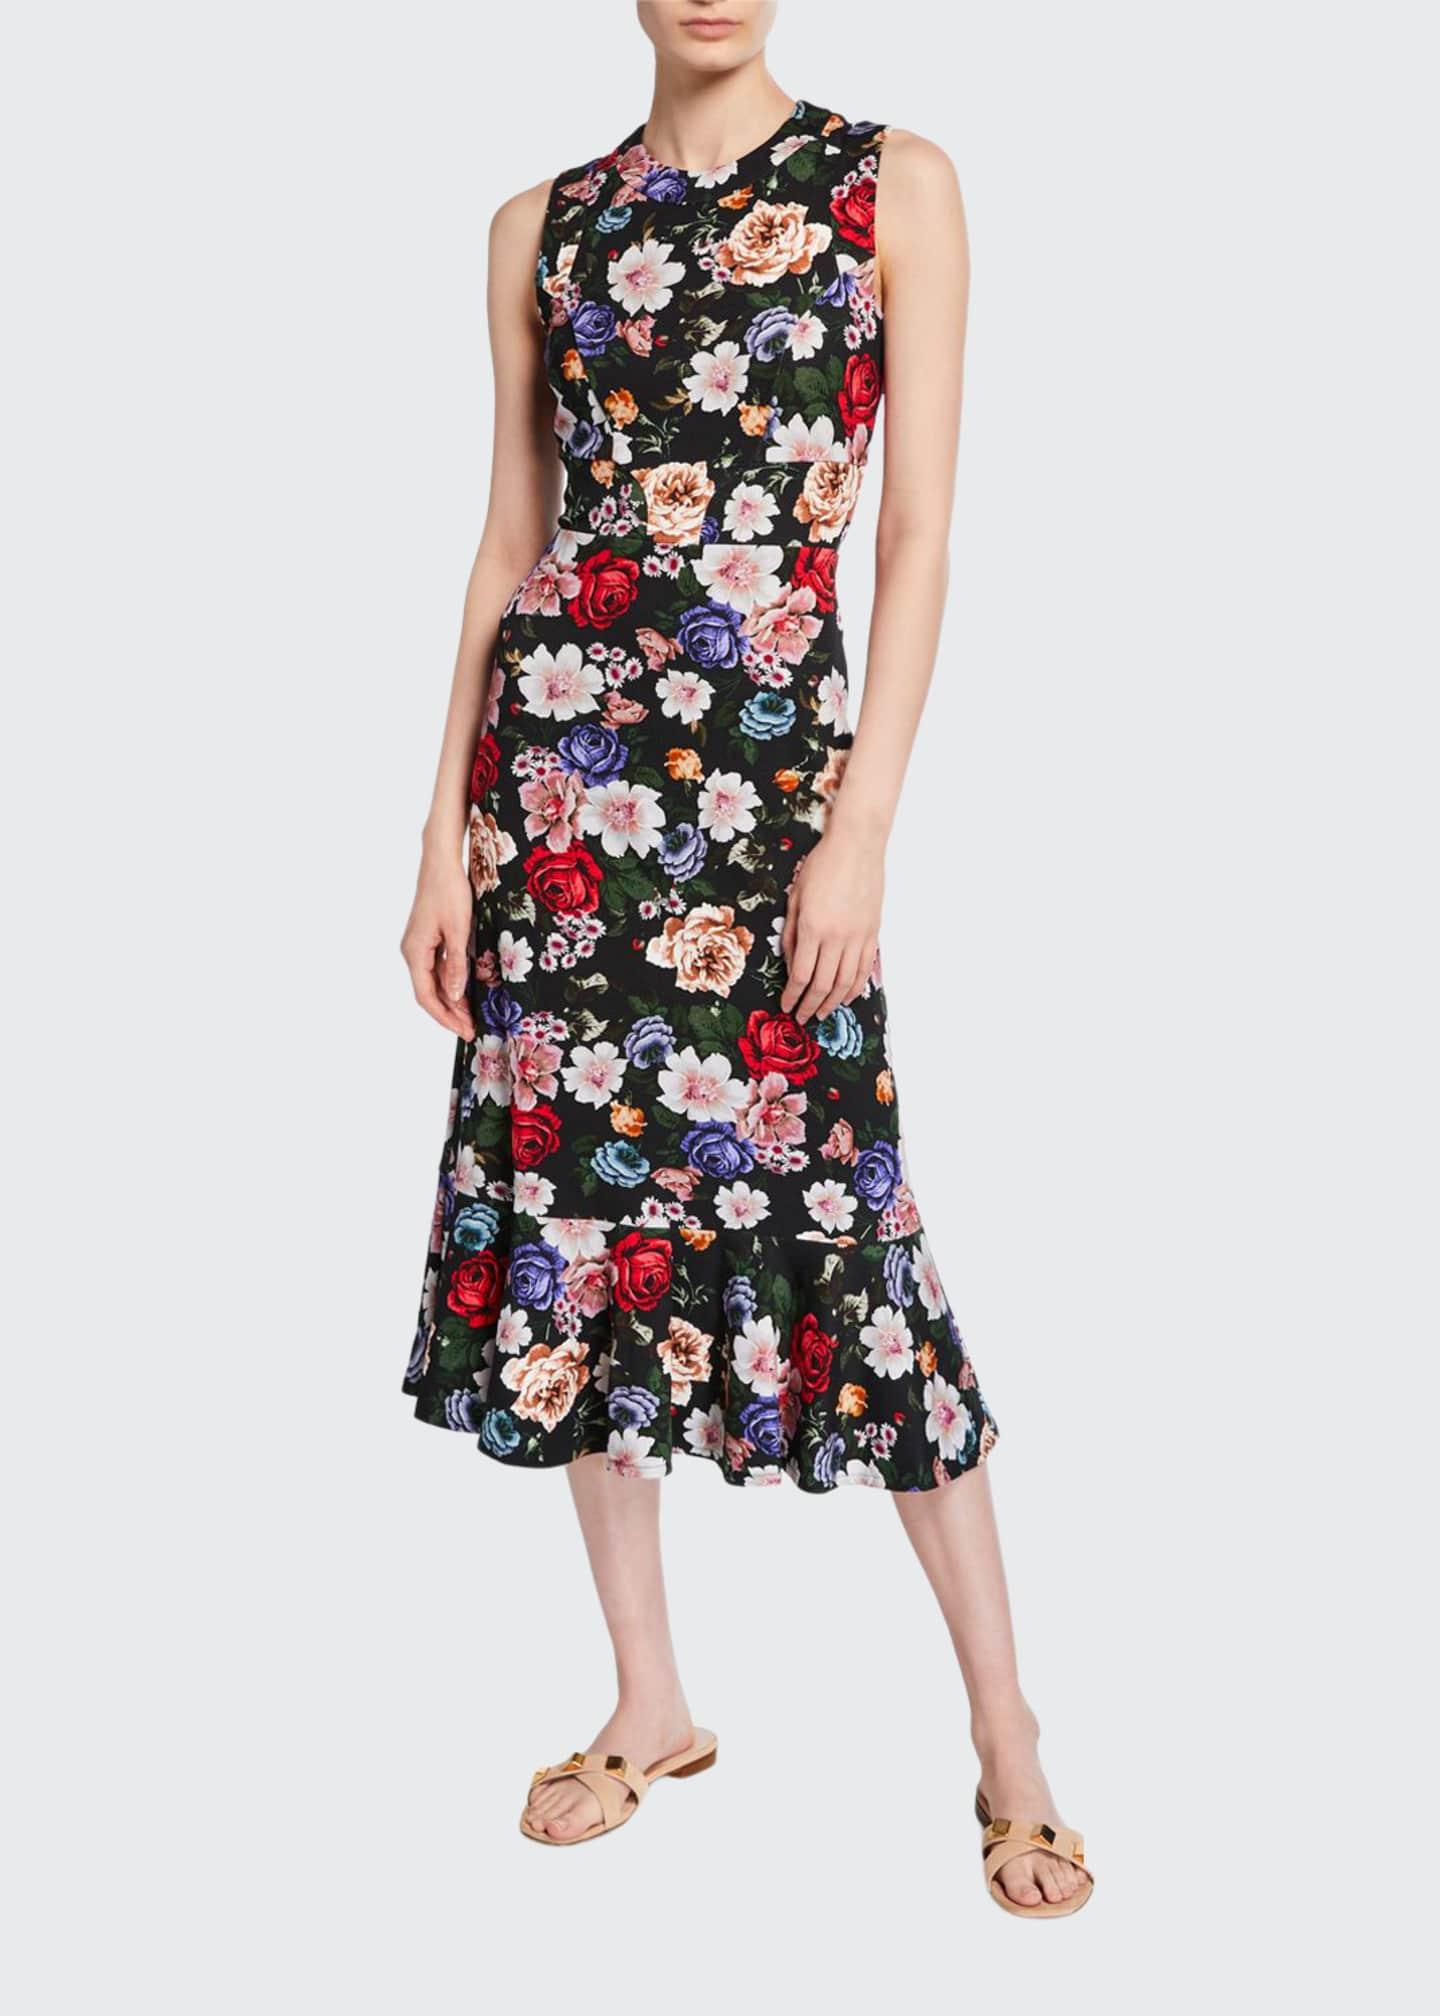 Erdem Grazia Floral Sleeveless Dress